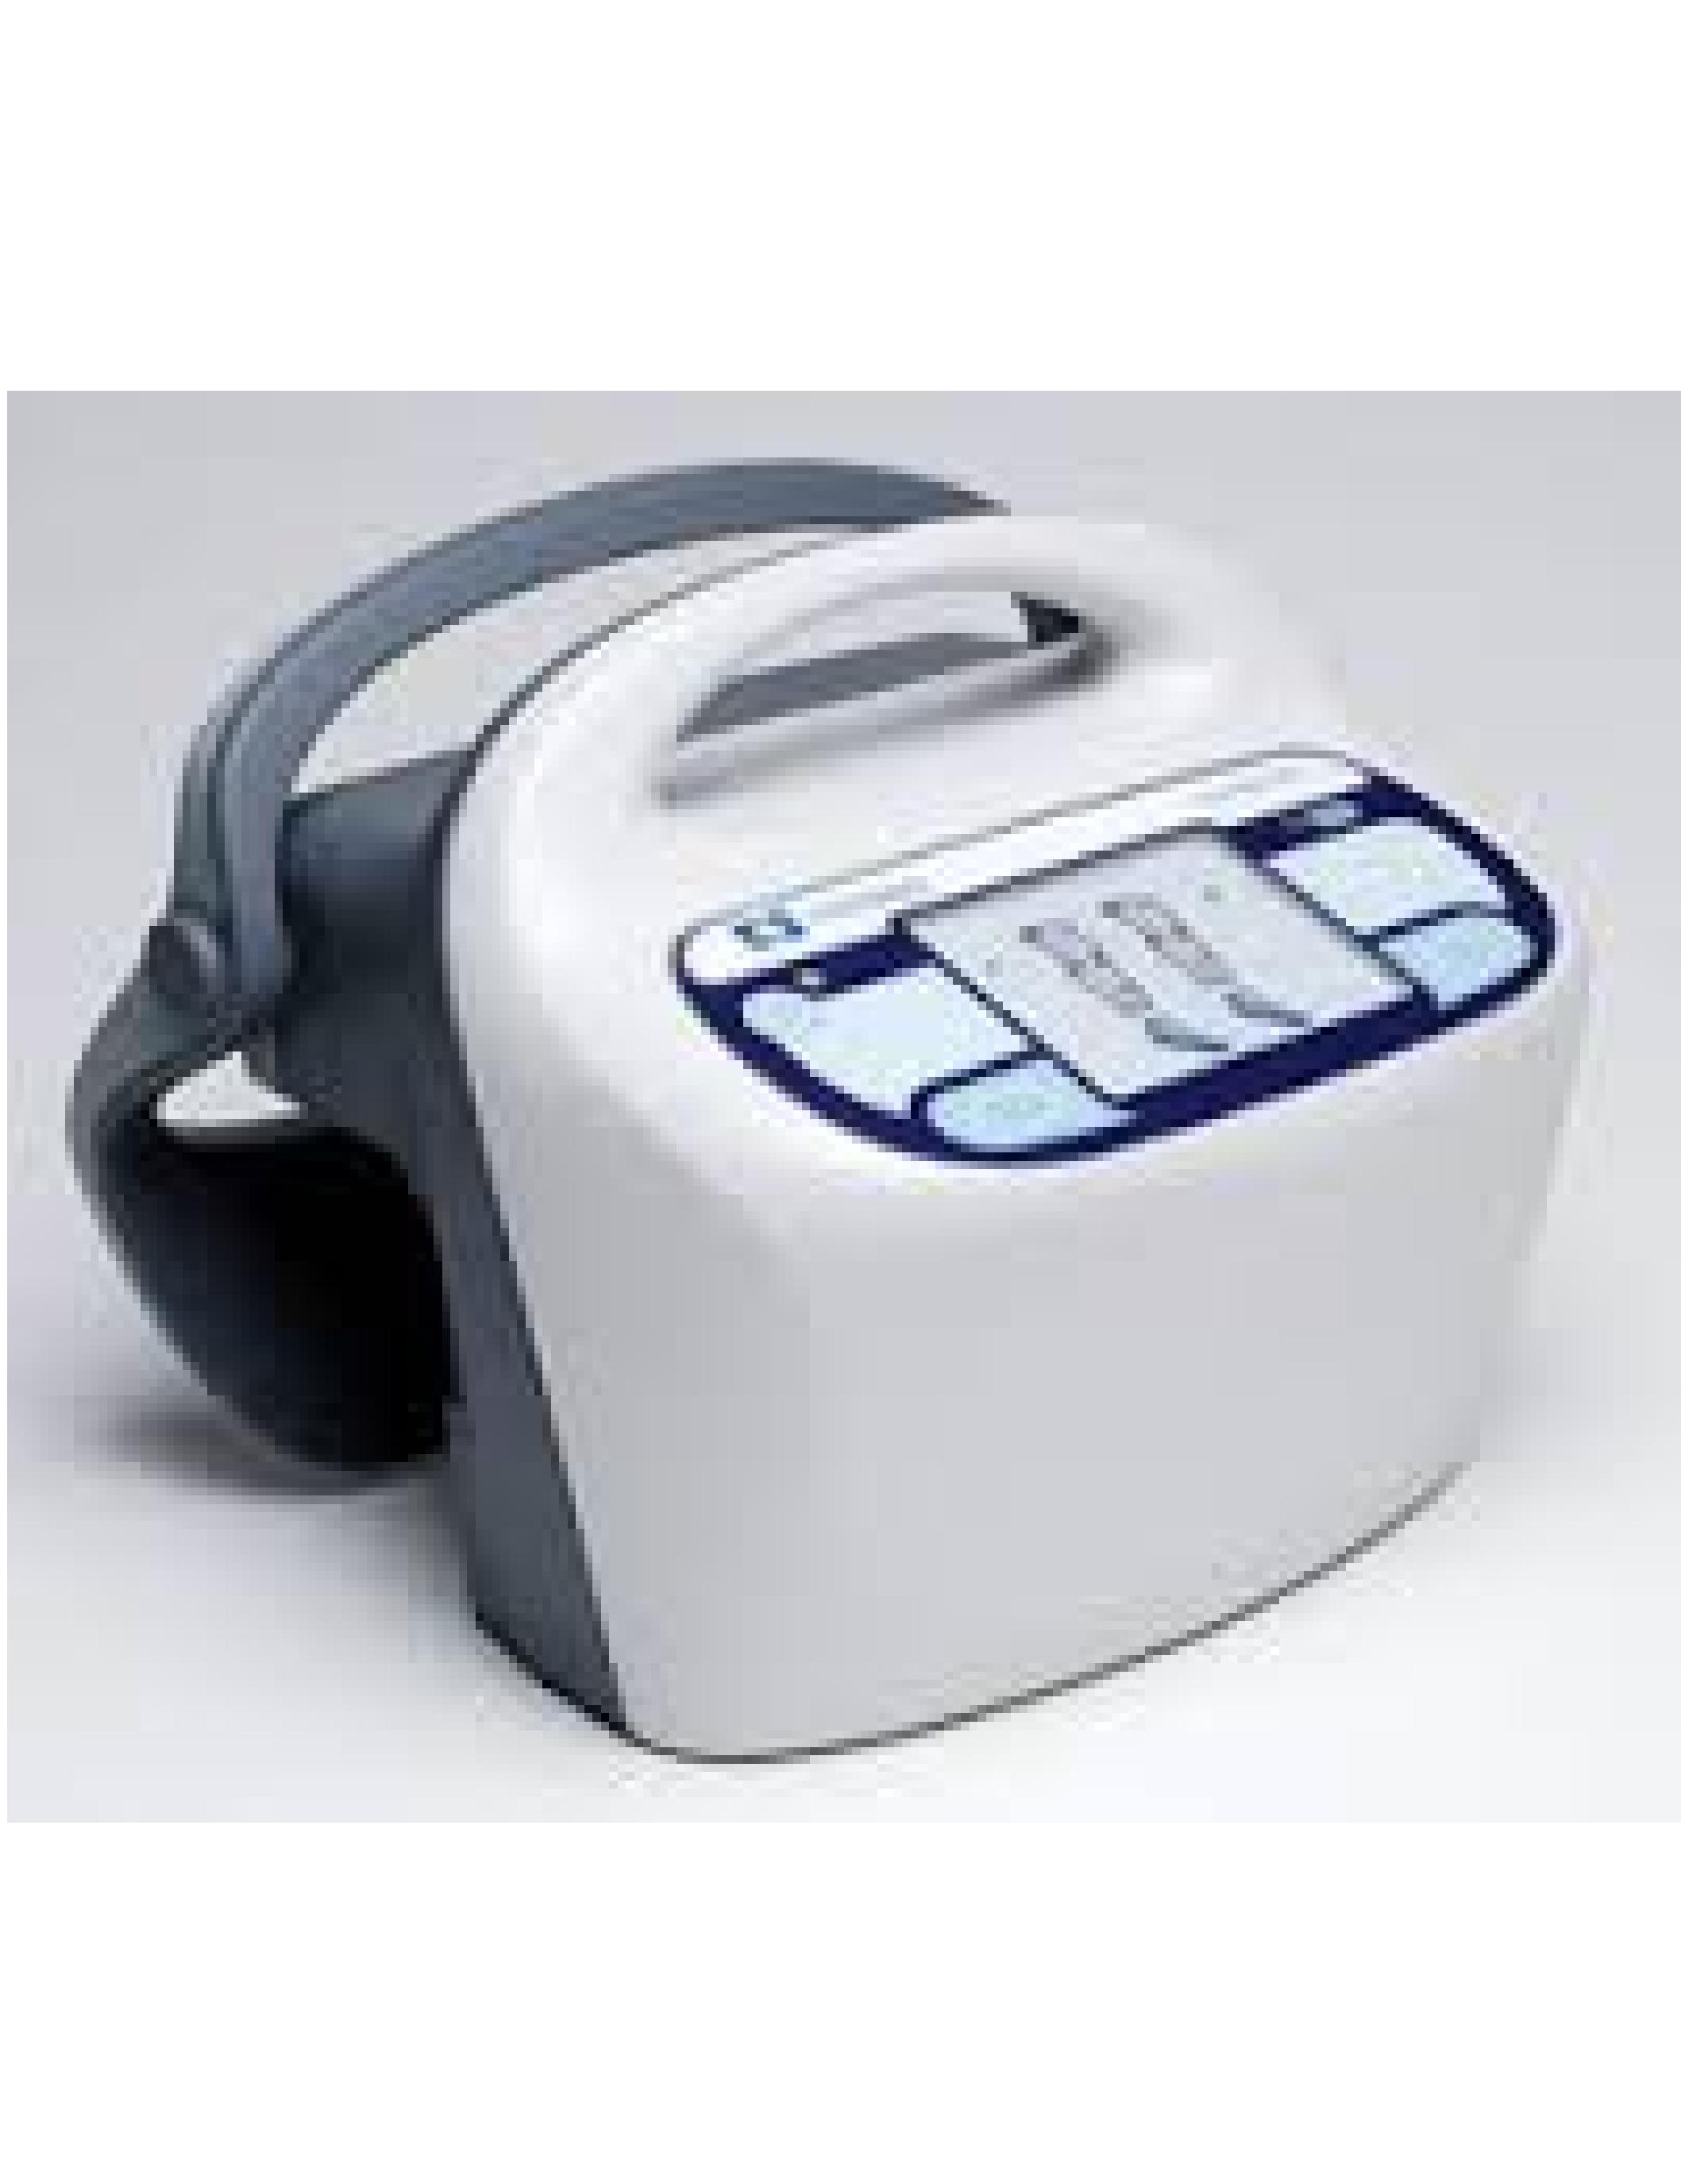 aparate de compresie în varicoză cum să luați oțet de mere în varicoză